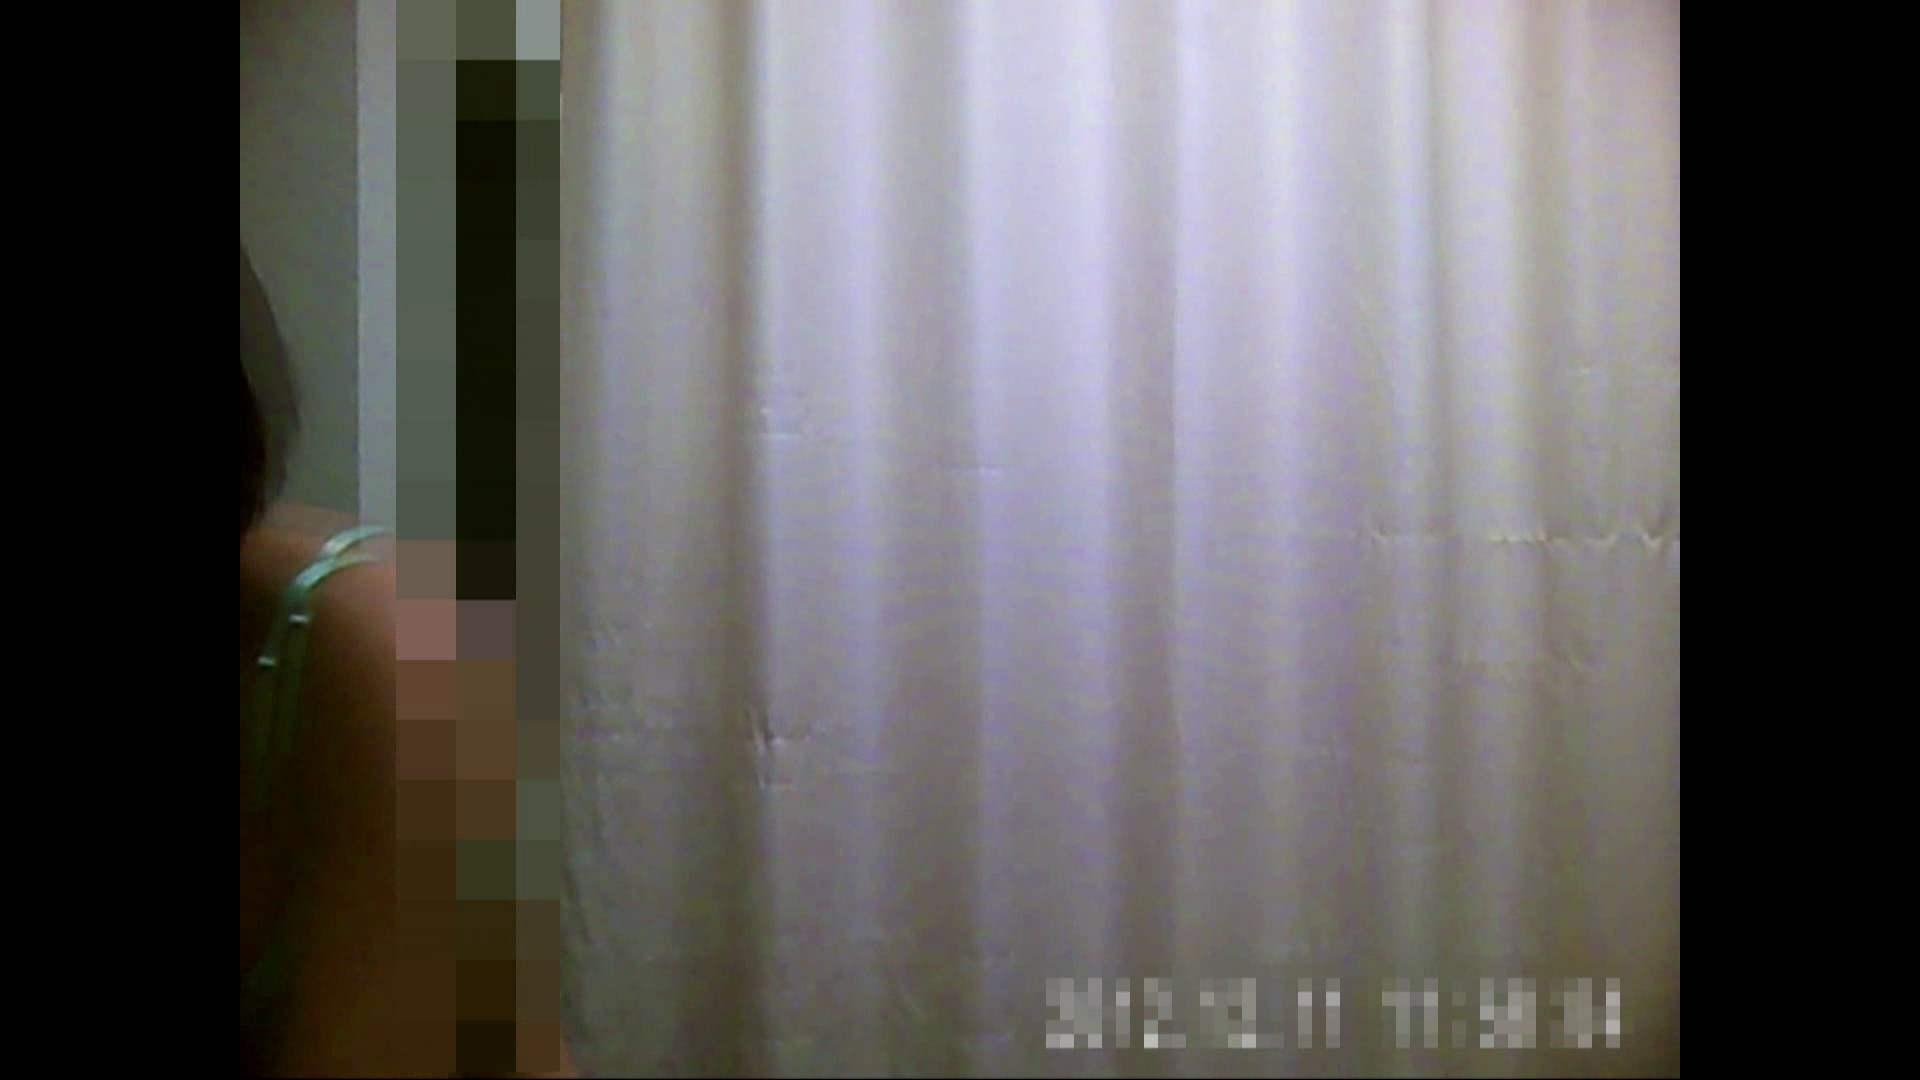 病院おもいっきり着替え! vol.174 盗撮 盗み撮り動画キャプチャ 89pic 10